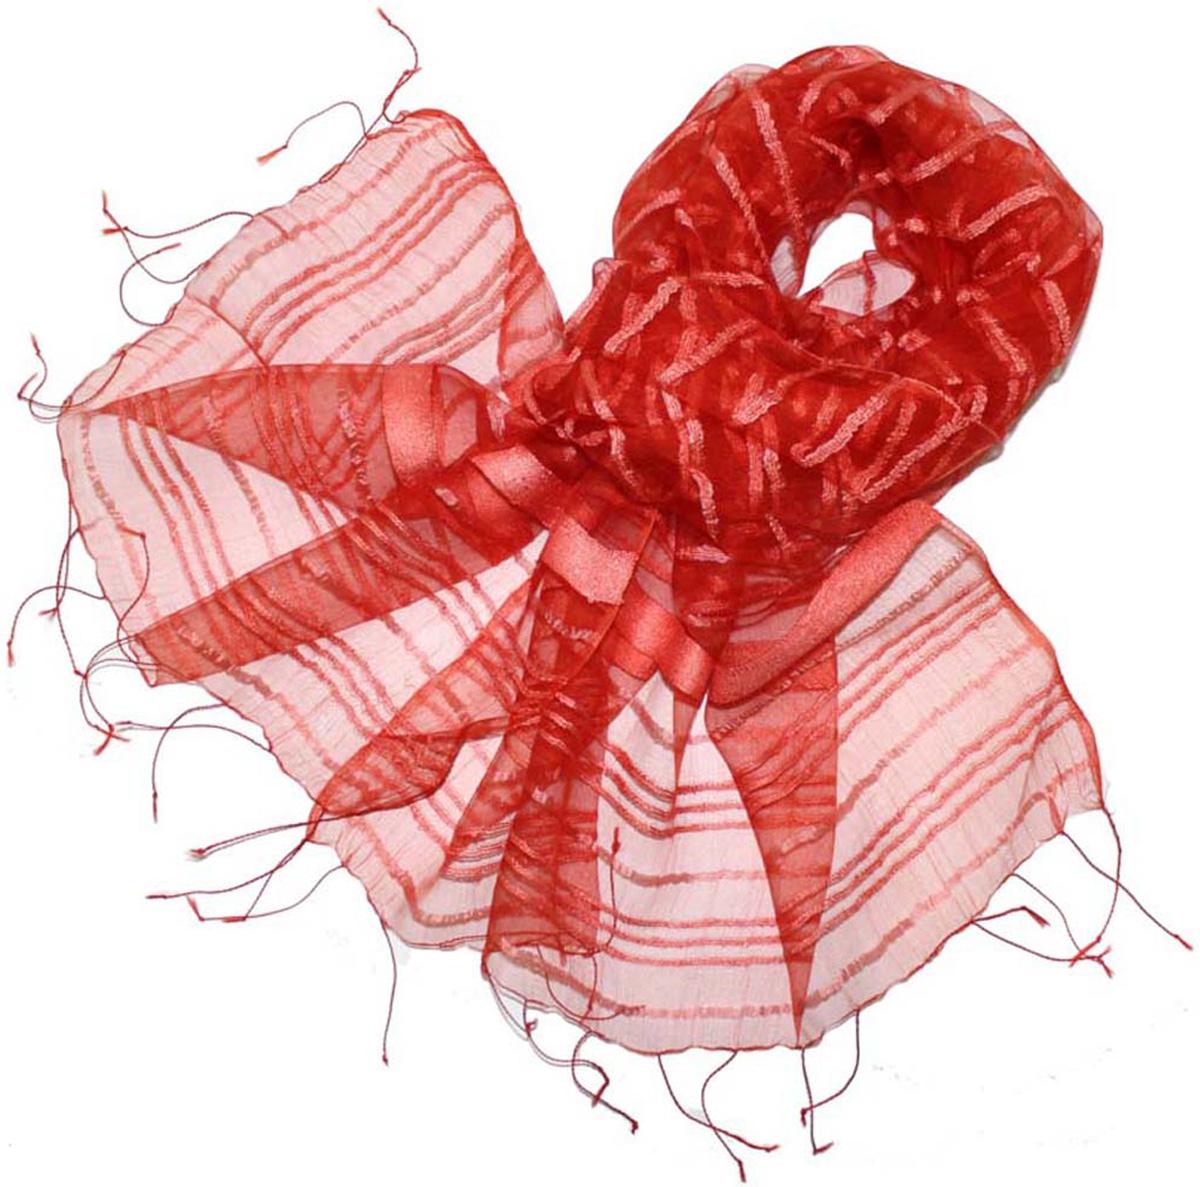 Шарф женский Ethnica, цвет: кирпичный. 484150н. Размер 65 см х 180 см484150нСтильный шарф привлекательной расцветки с кисточками по краю изготовлен из 100% вискозы. Он удачно дополнит ваш гардероб и поможет создать новый повседневный образ, добавить в него яркие краски. Отличный вариант для тех, кто стремится к самовыражению и новизне!